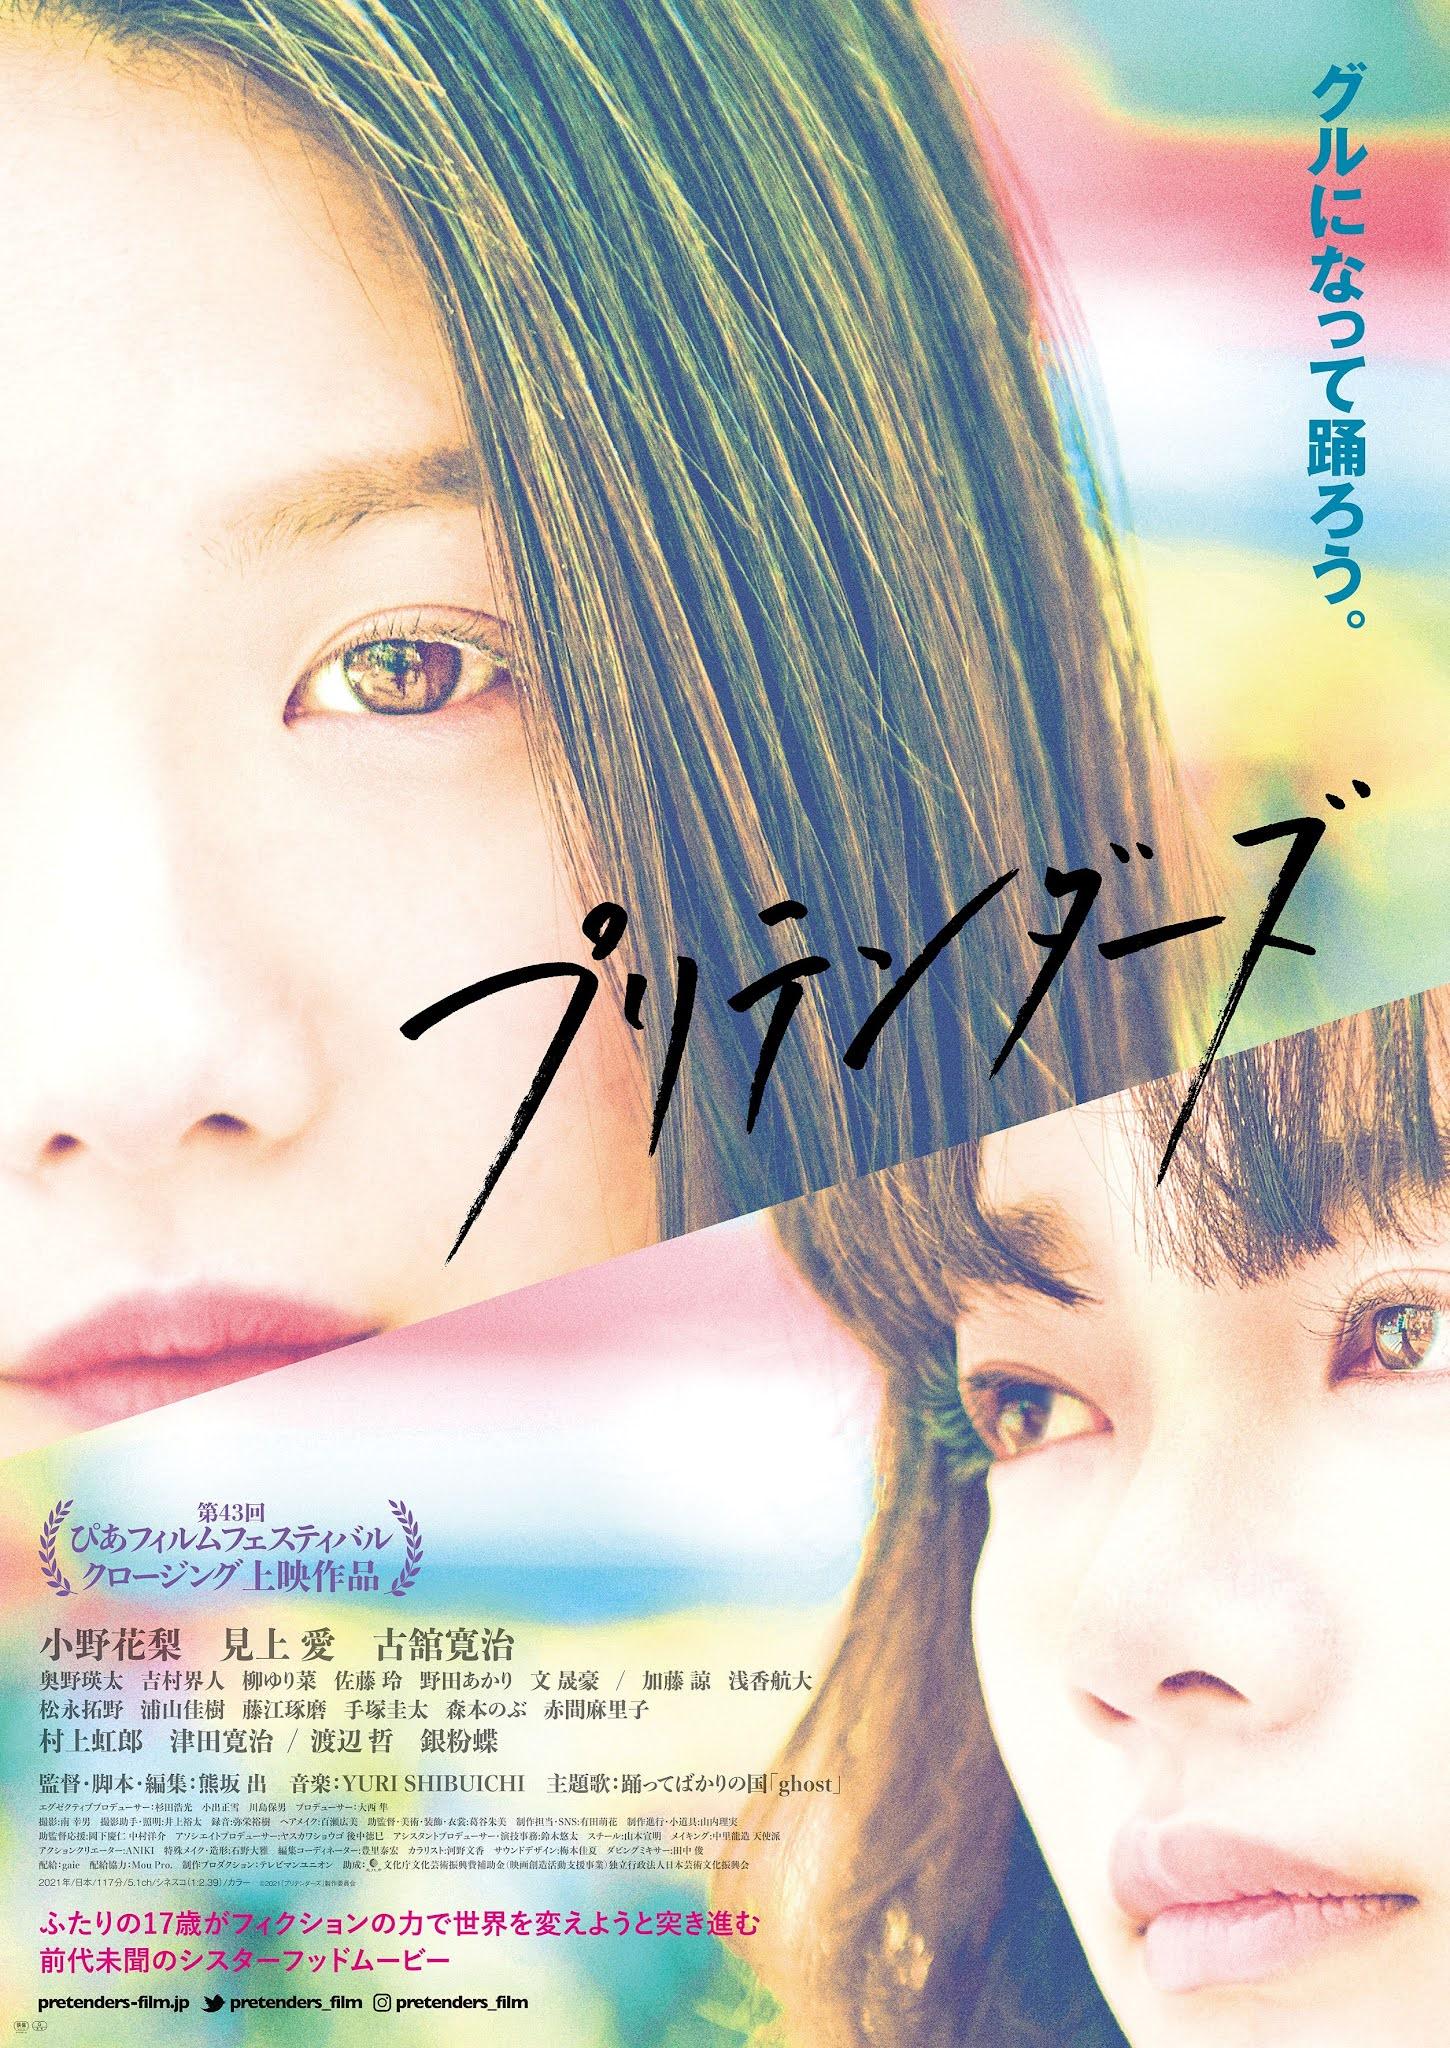 Pretenders film - Izuru Kumasaka - poster